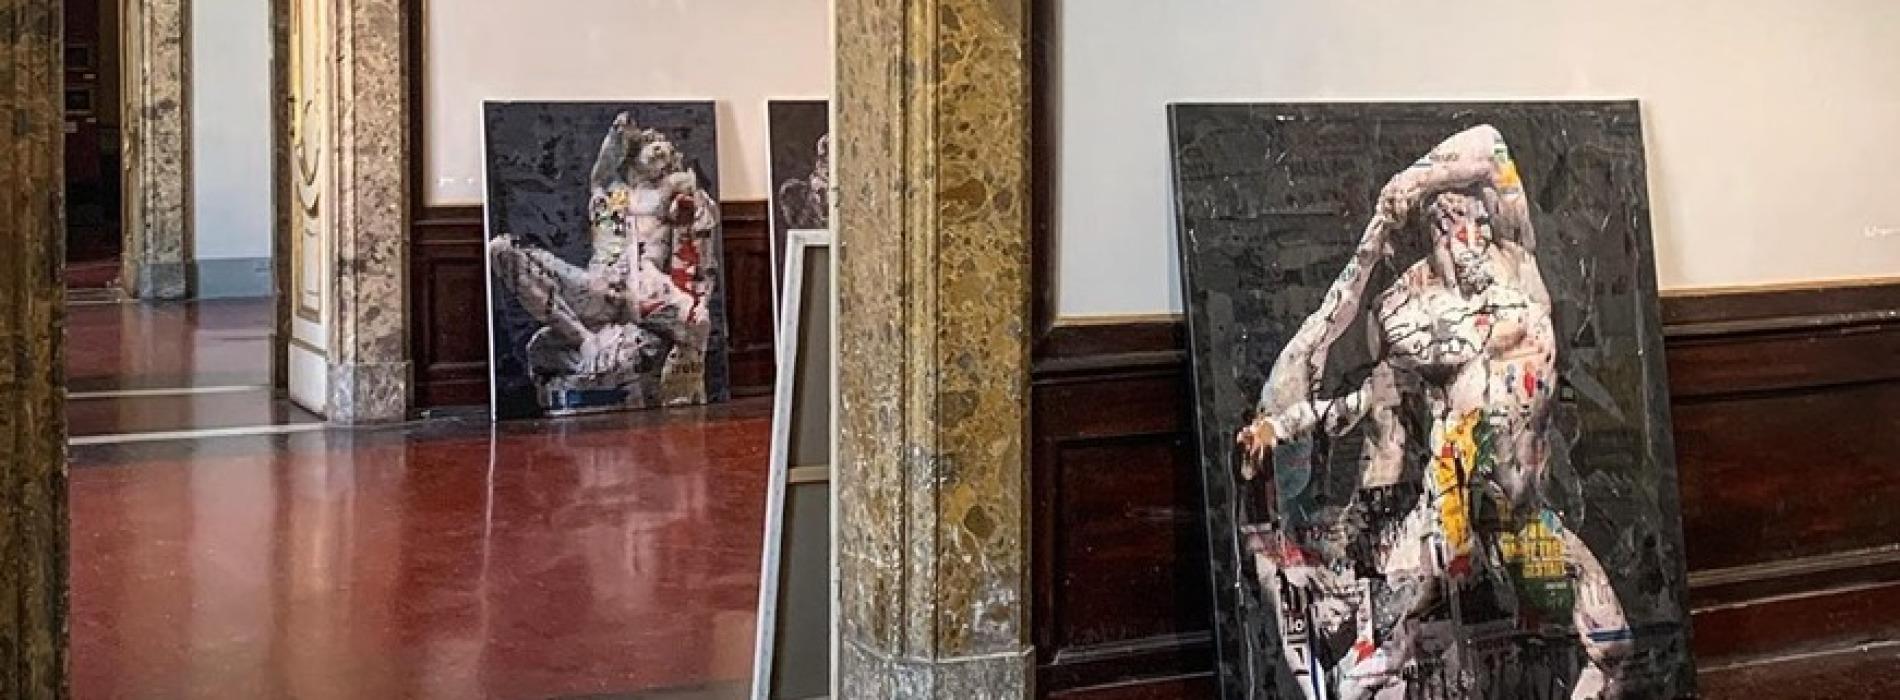 Saligia, i vizi capitali di Andrea Chisesi alla Reggia di Caserta